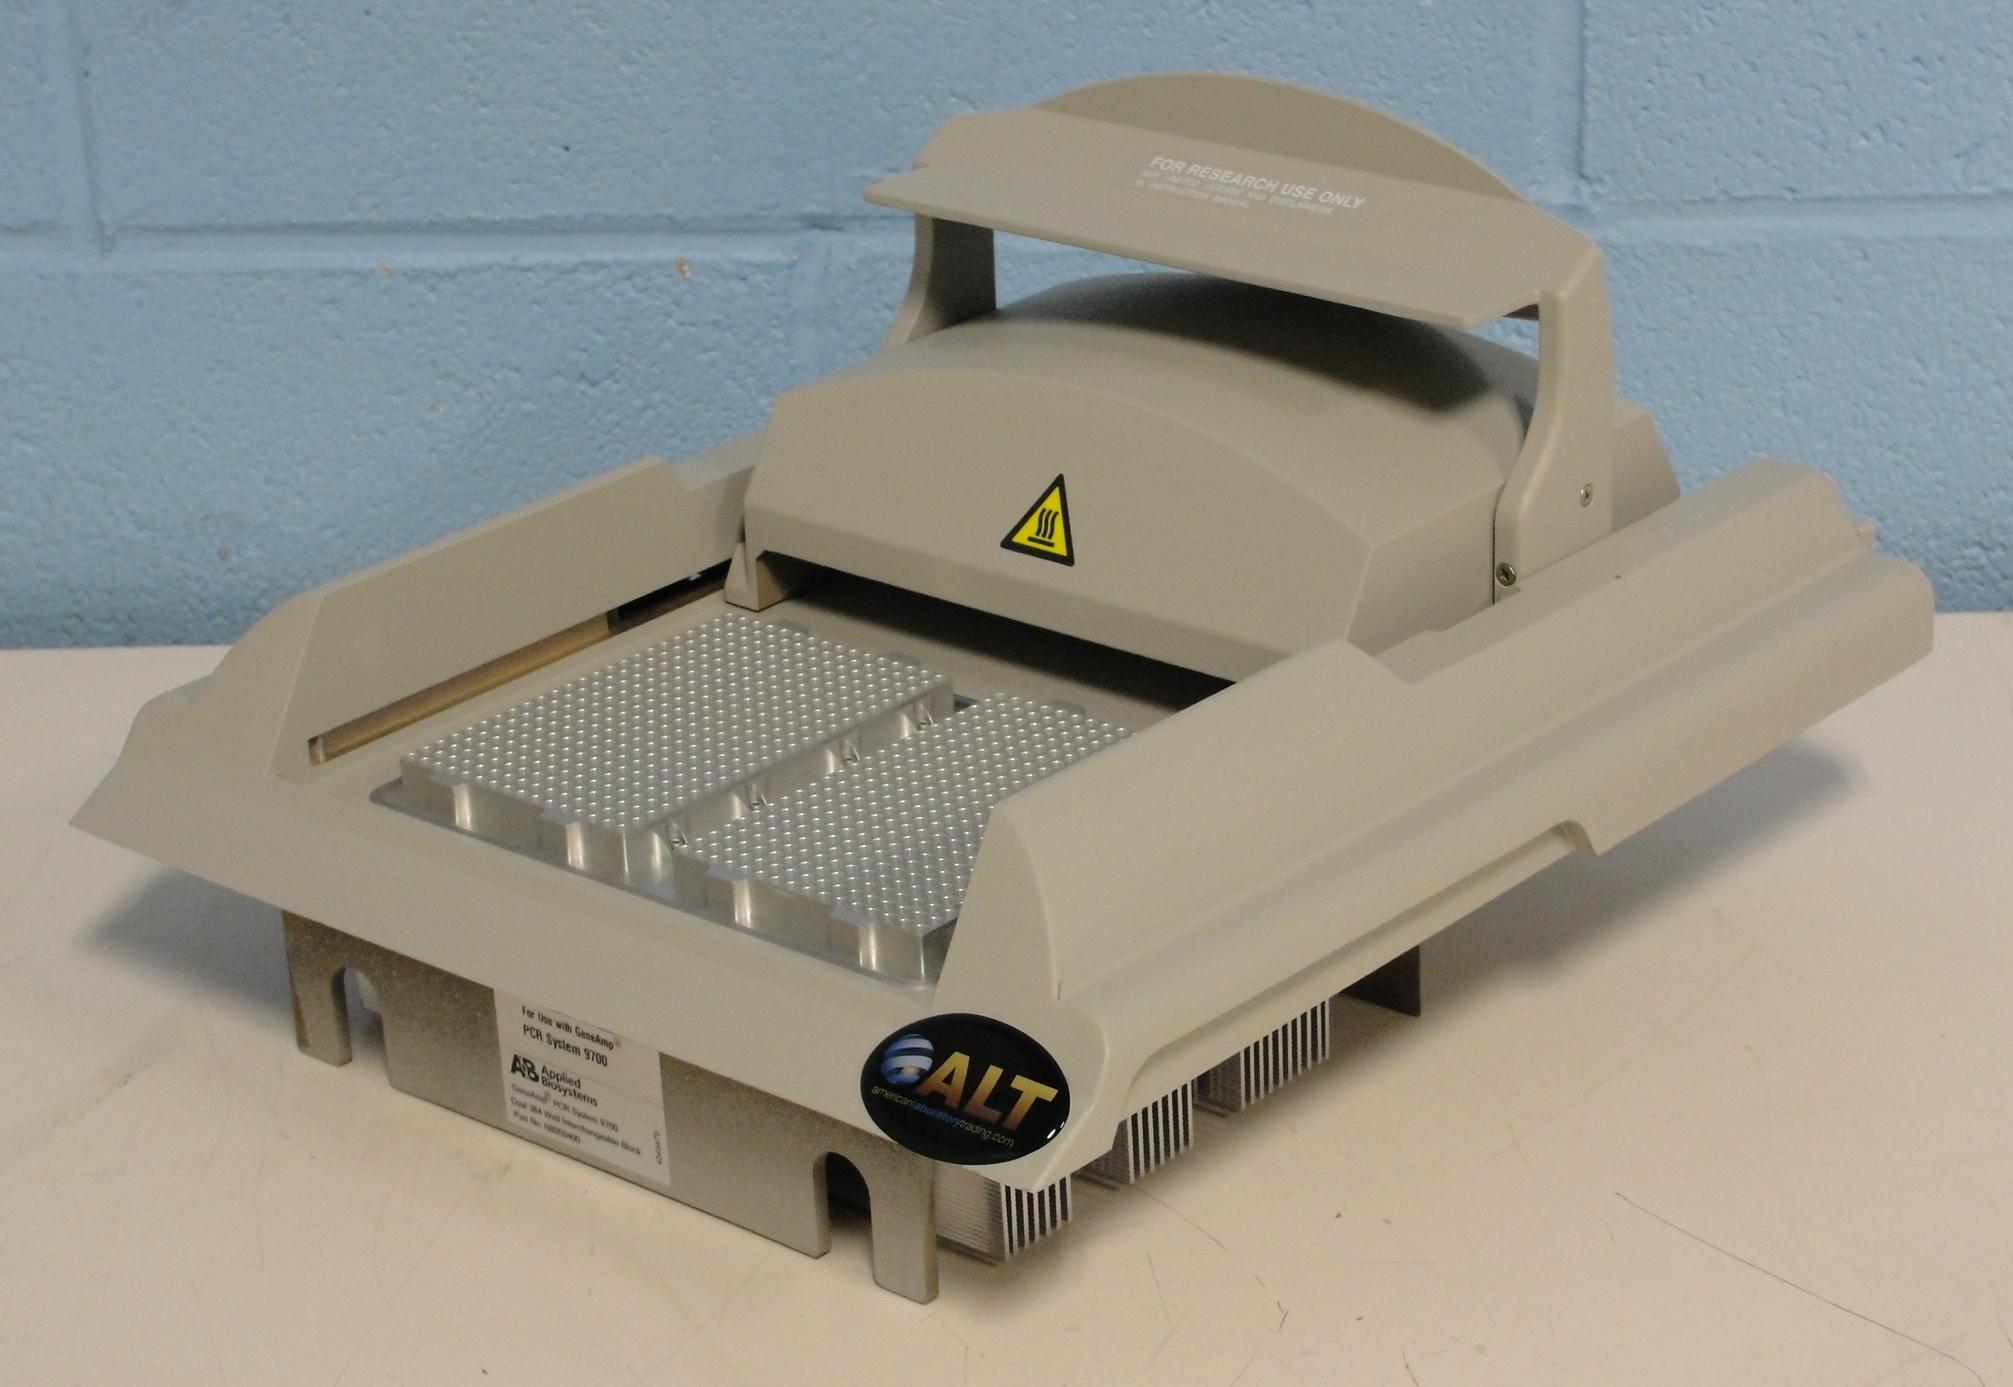 refurbished applied biosystems geneamp pcr system 9700. Black Bedroom Furniture Sets. Home Design Ideas